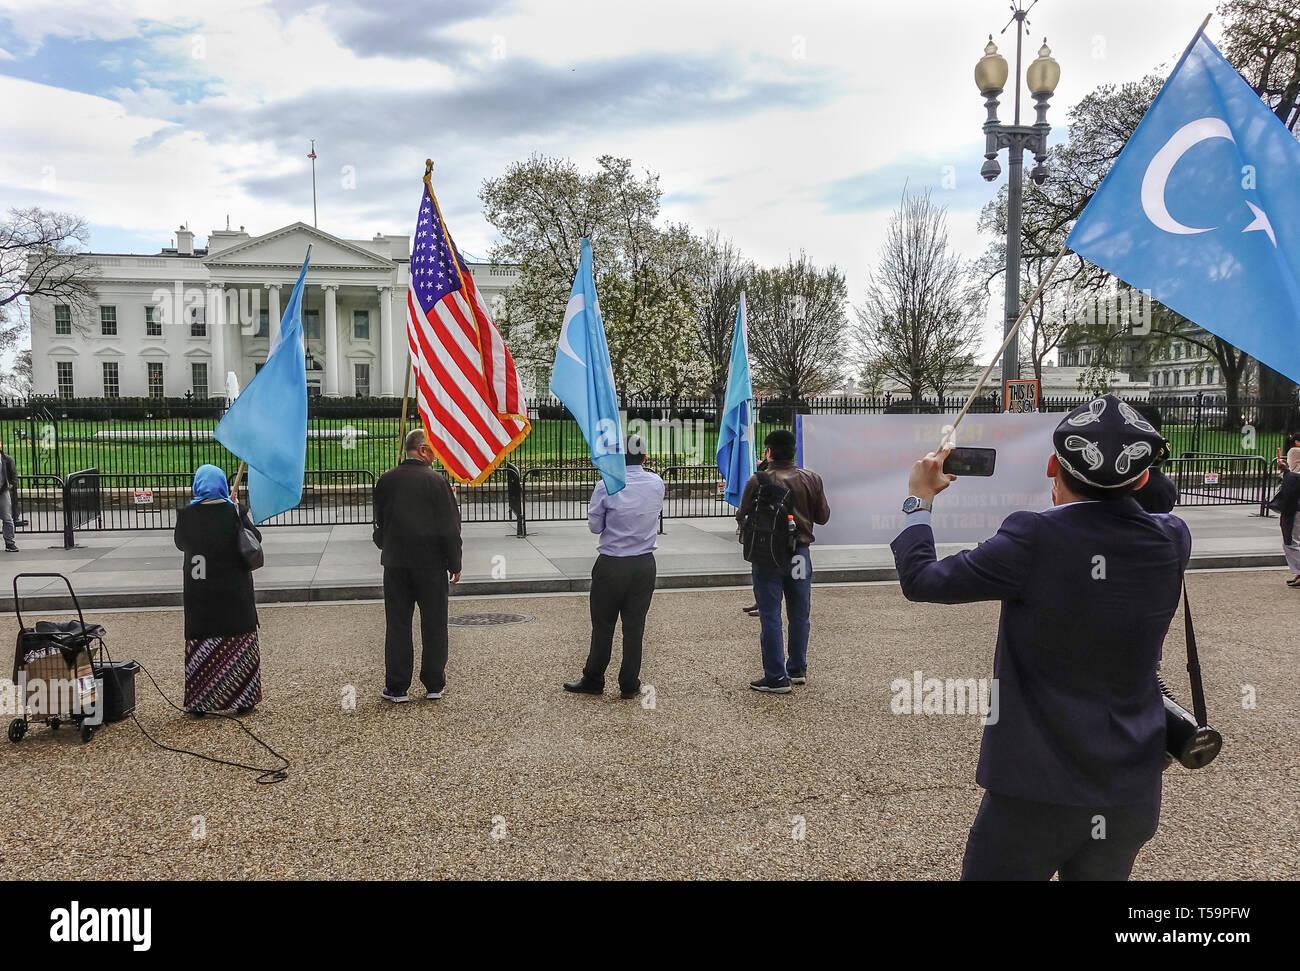 Protest gegen Chinas Verfolgung ethnischer Uiguren & türkische Muslime in Ostturkestan, einschließlich der Inhaftierung im Konzentrationslager. DC, April 4, 2019 Stockbild